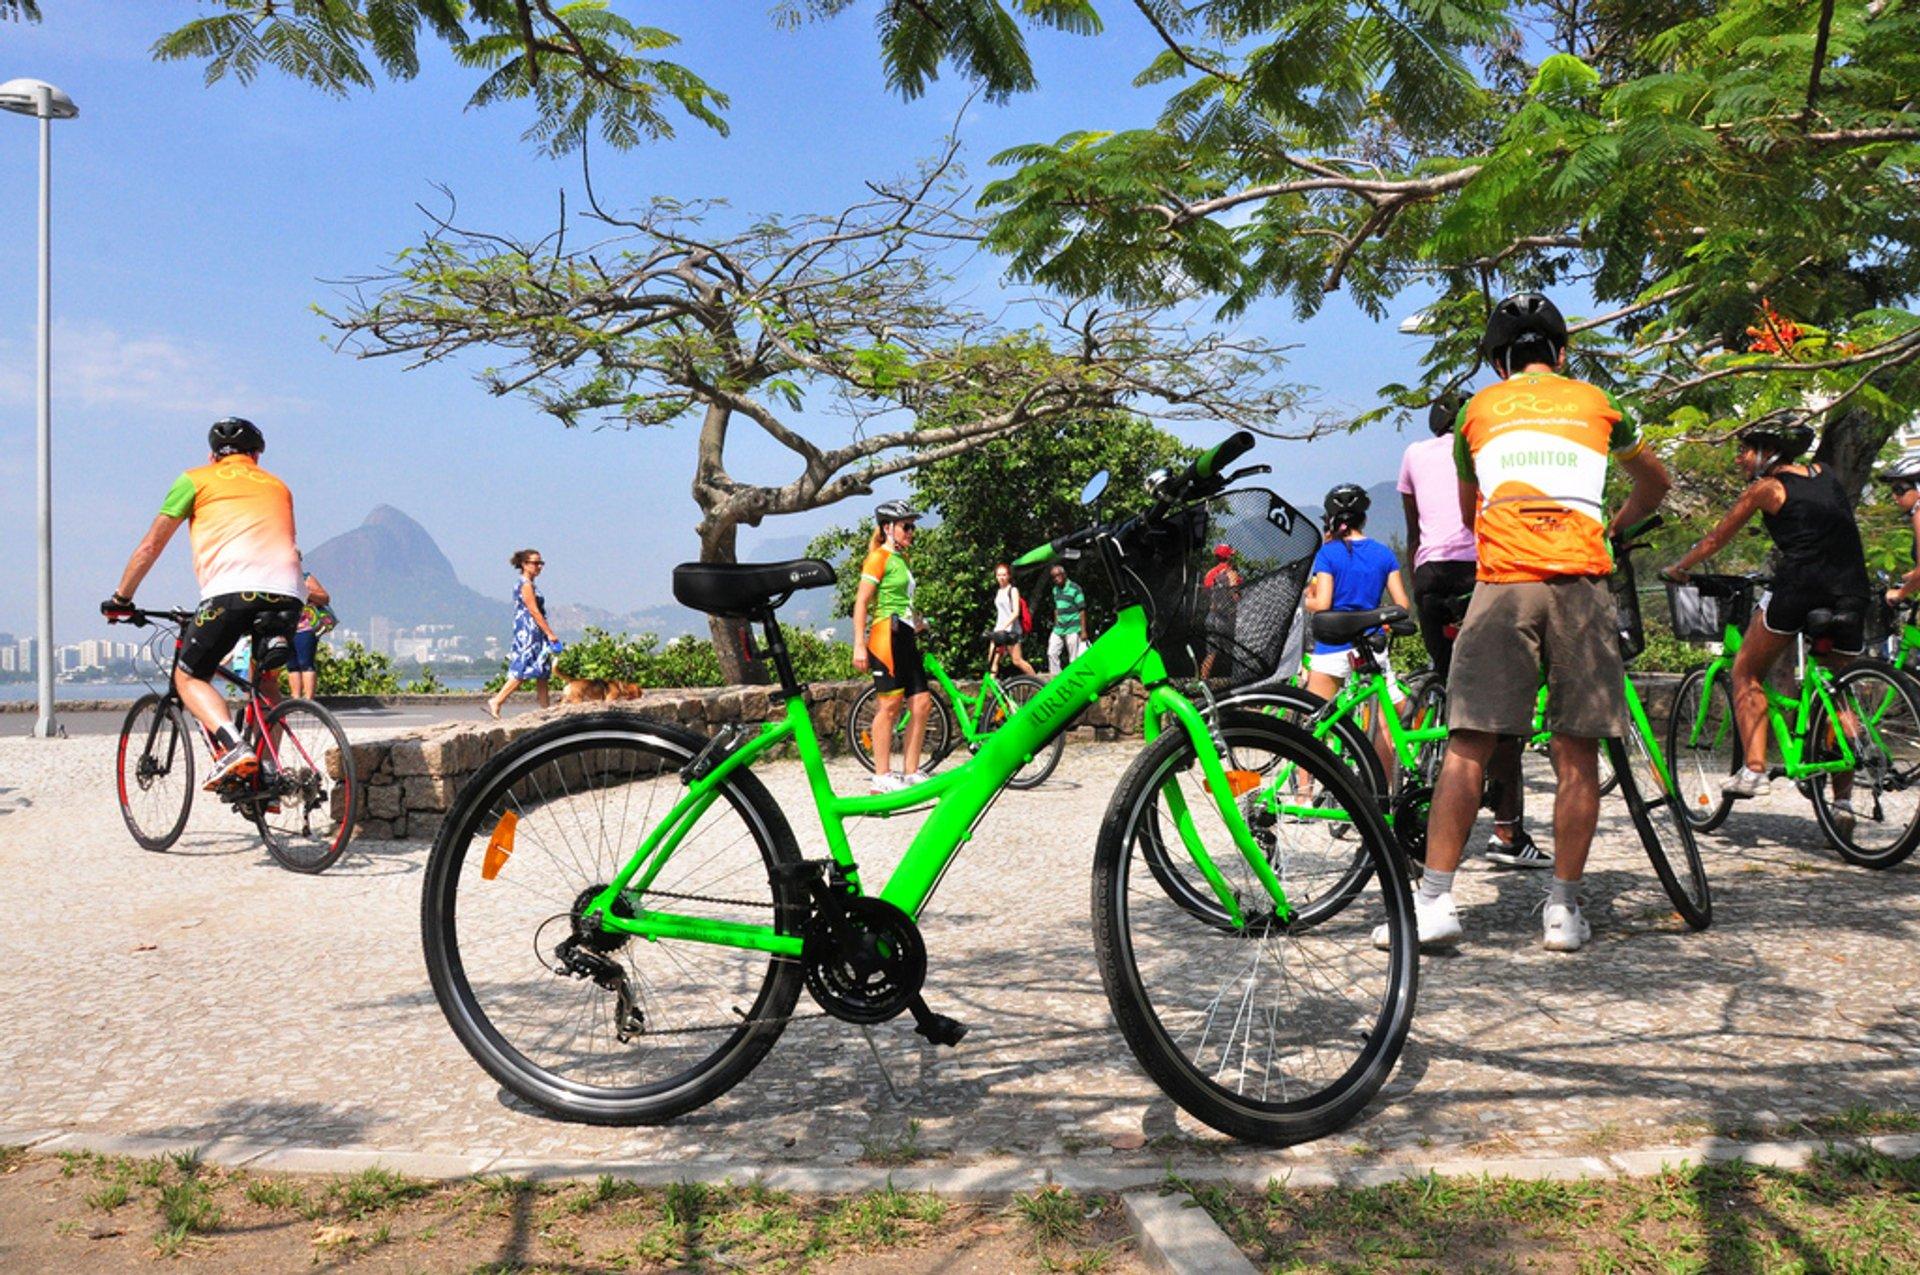 Cycling in Rio de Janeiro - Best Season 2019